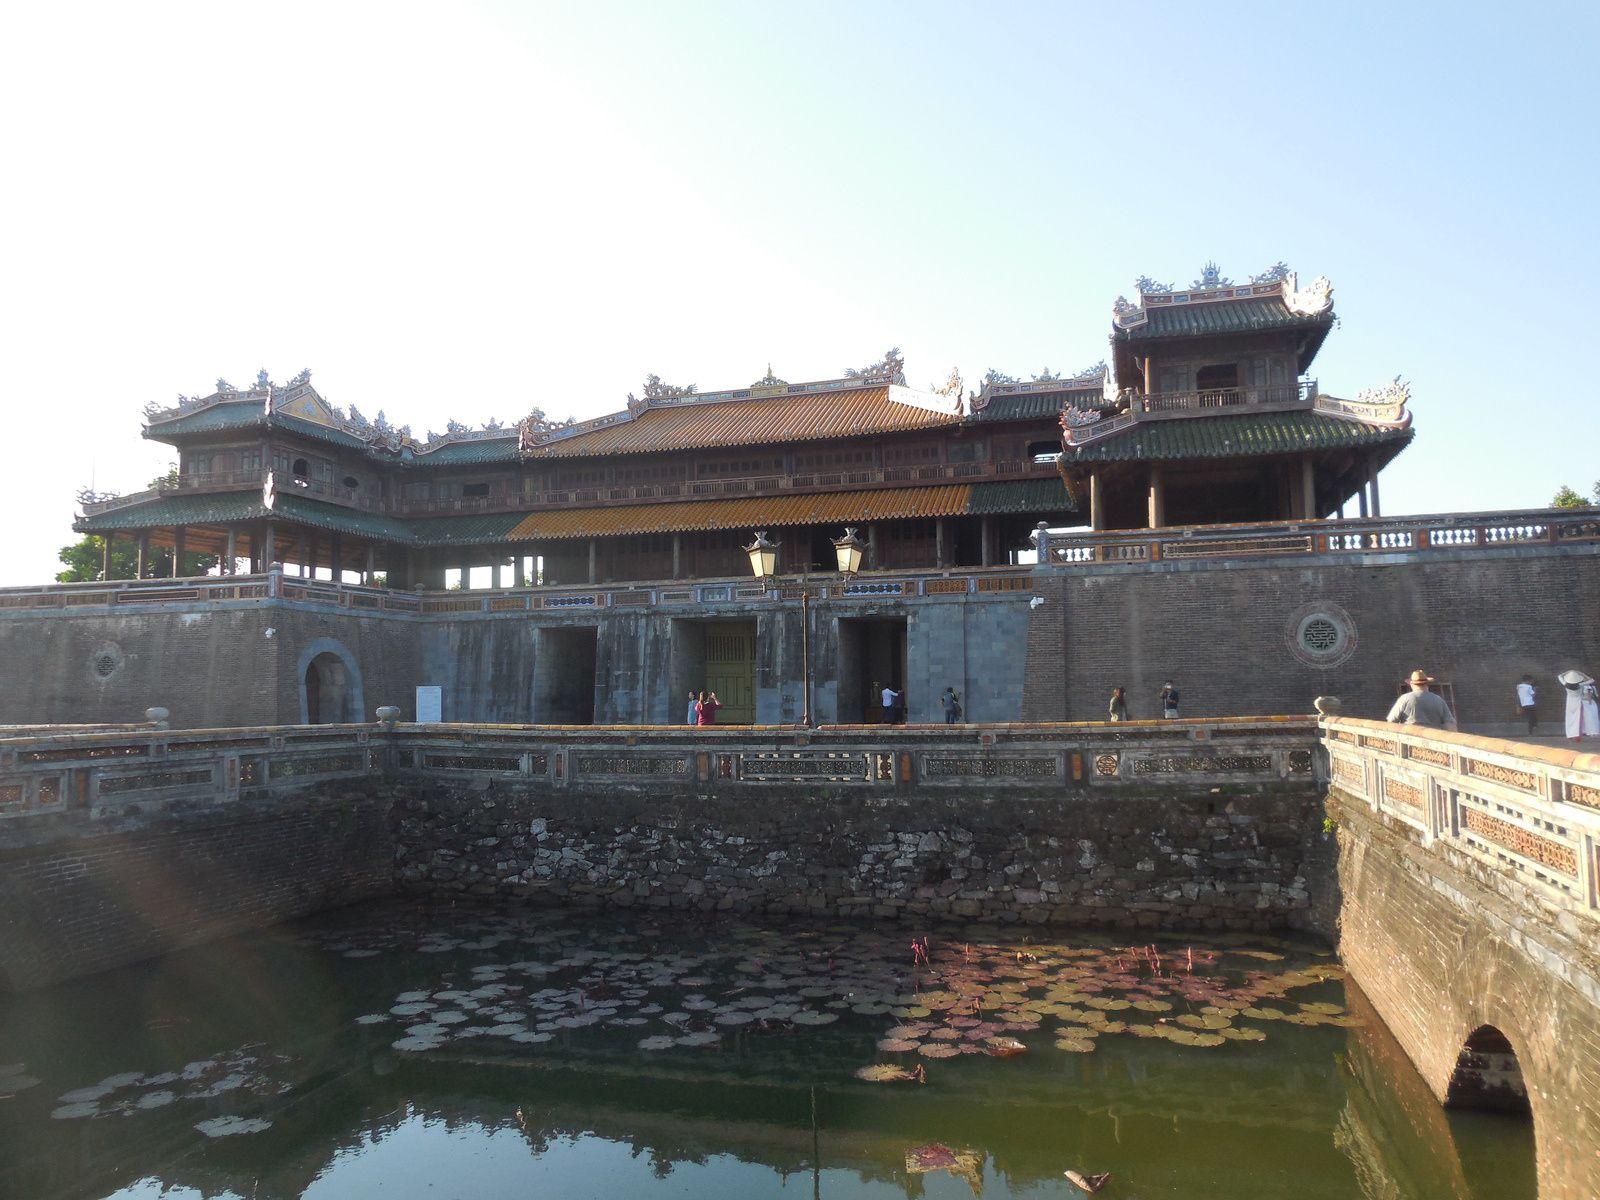 Nous entrons par la porte Sud (ou porte du Midi)...(Construite en 1833 sous le règne de Minh Mang et restaurée en 1990 avec l'aide de l'Unesco et du Japon).